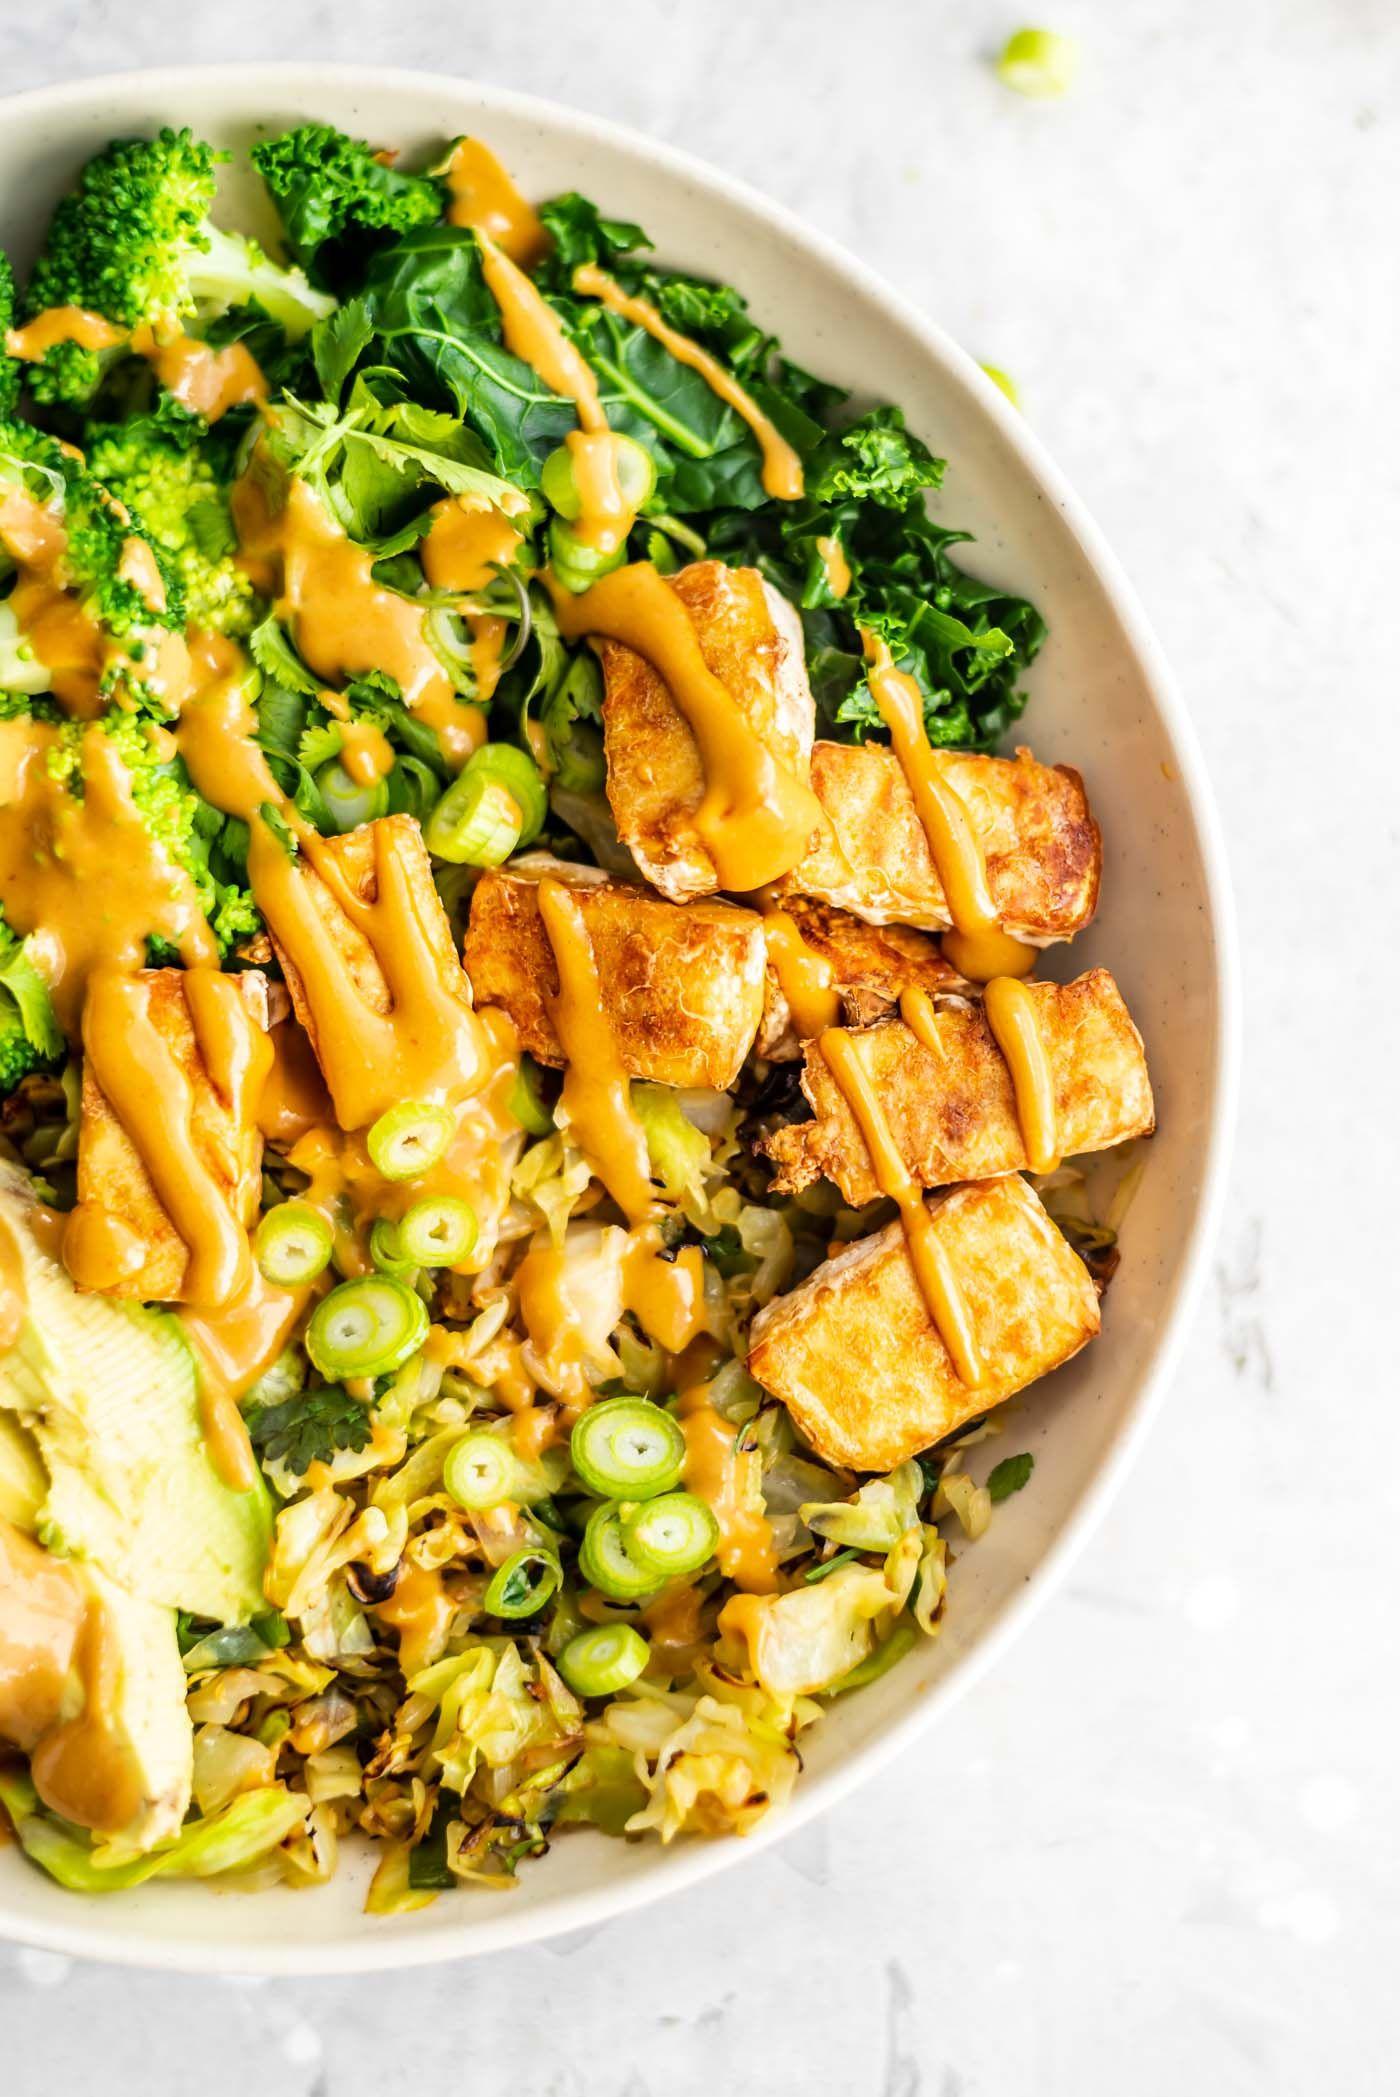 Low Carb Vegan Bowl Recipe Vegan Dinners Low Carb Vegan Vegetarian Recipes